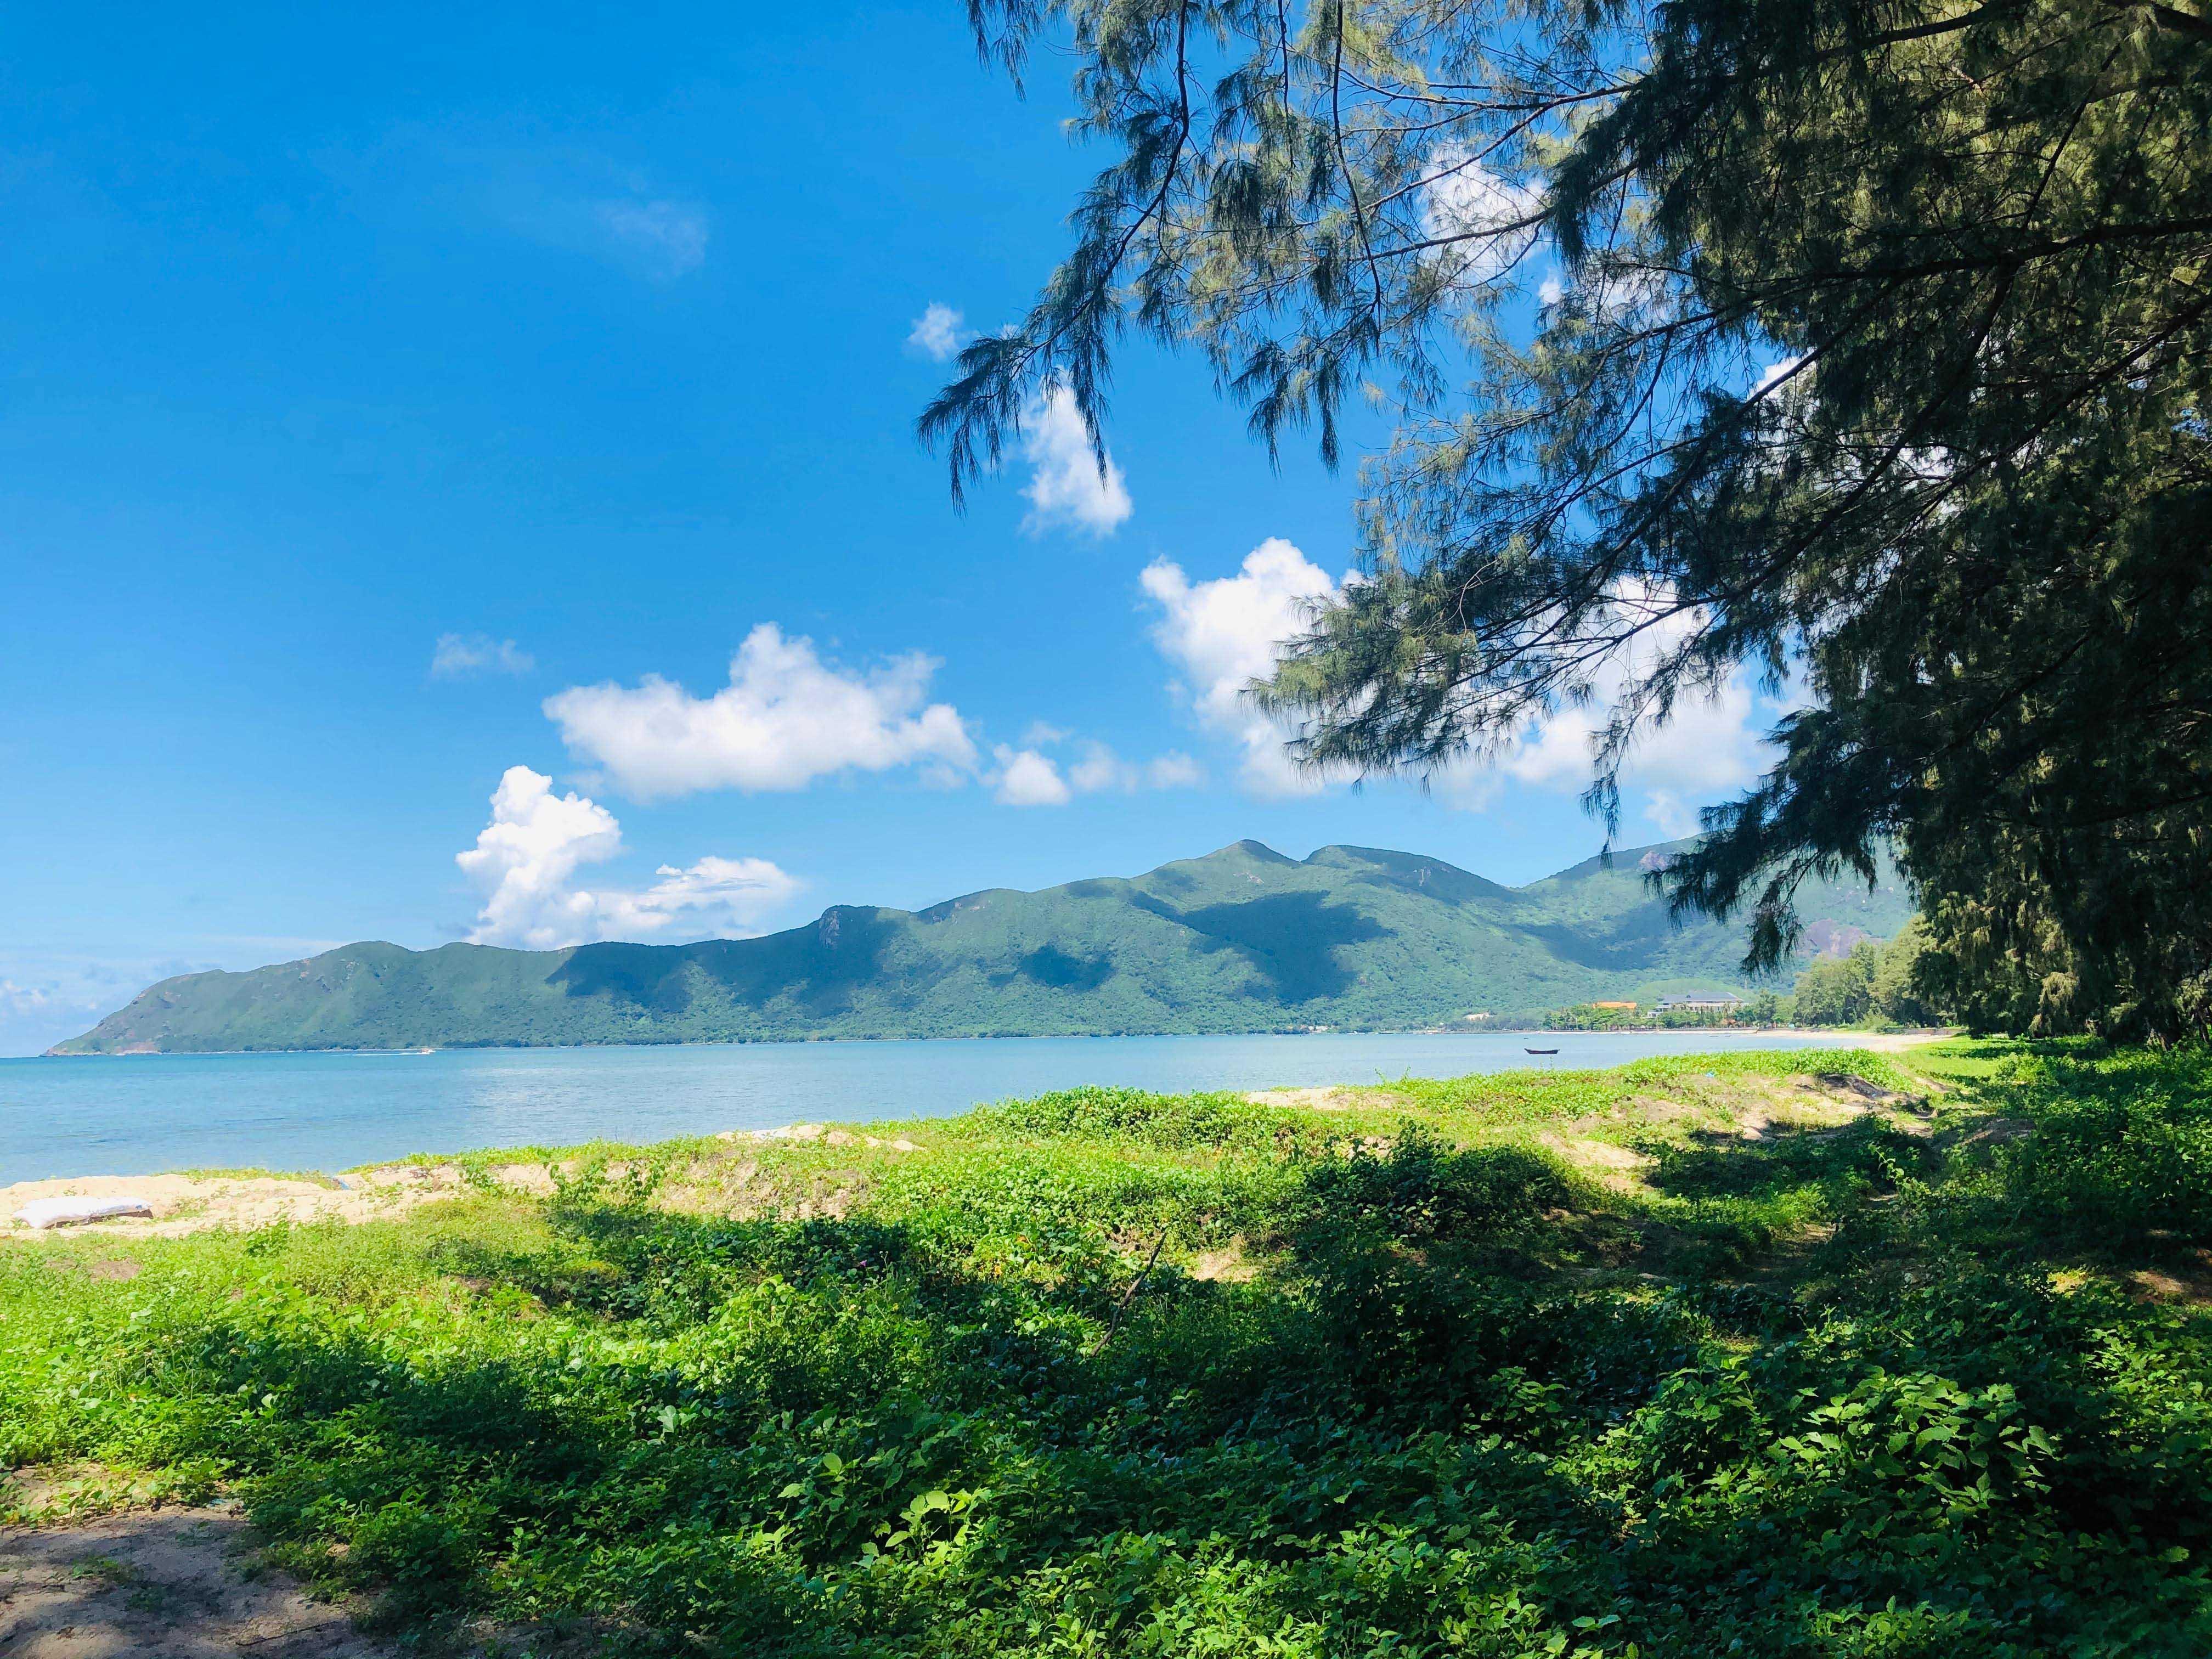 Điểm danh 15 địa điểm siêu đẹp ở Côn Đảo lên hình cực ảo - 18